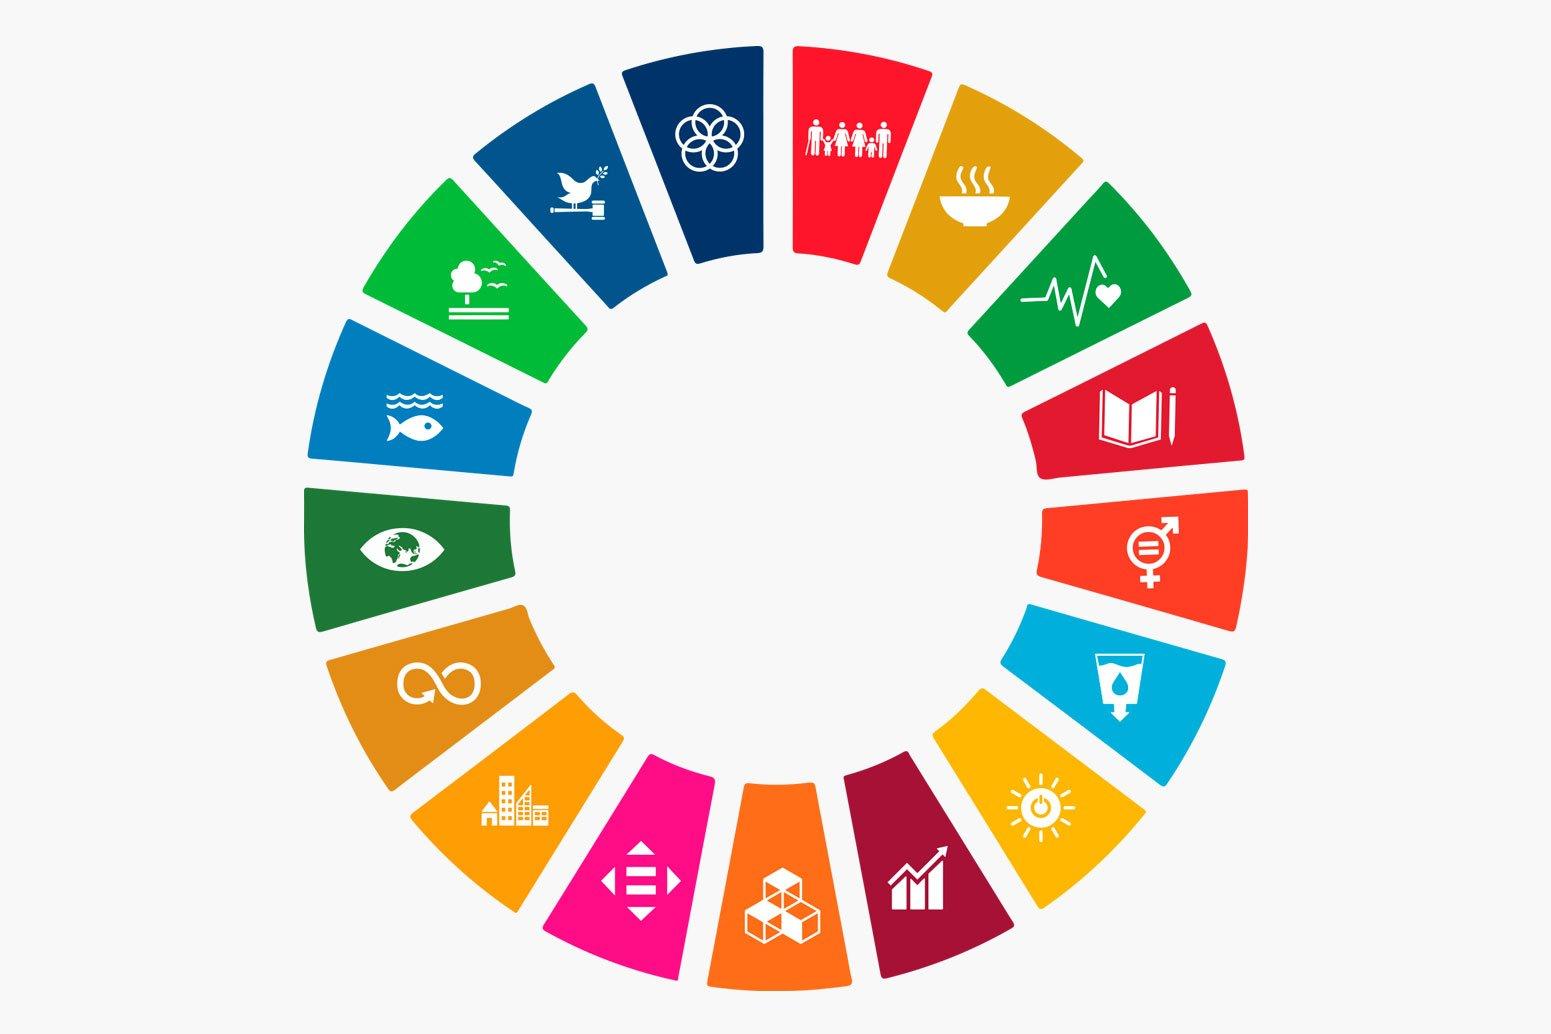 objetivos-desarrollo-sostenible-circulo